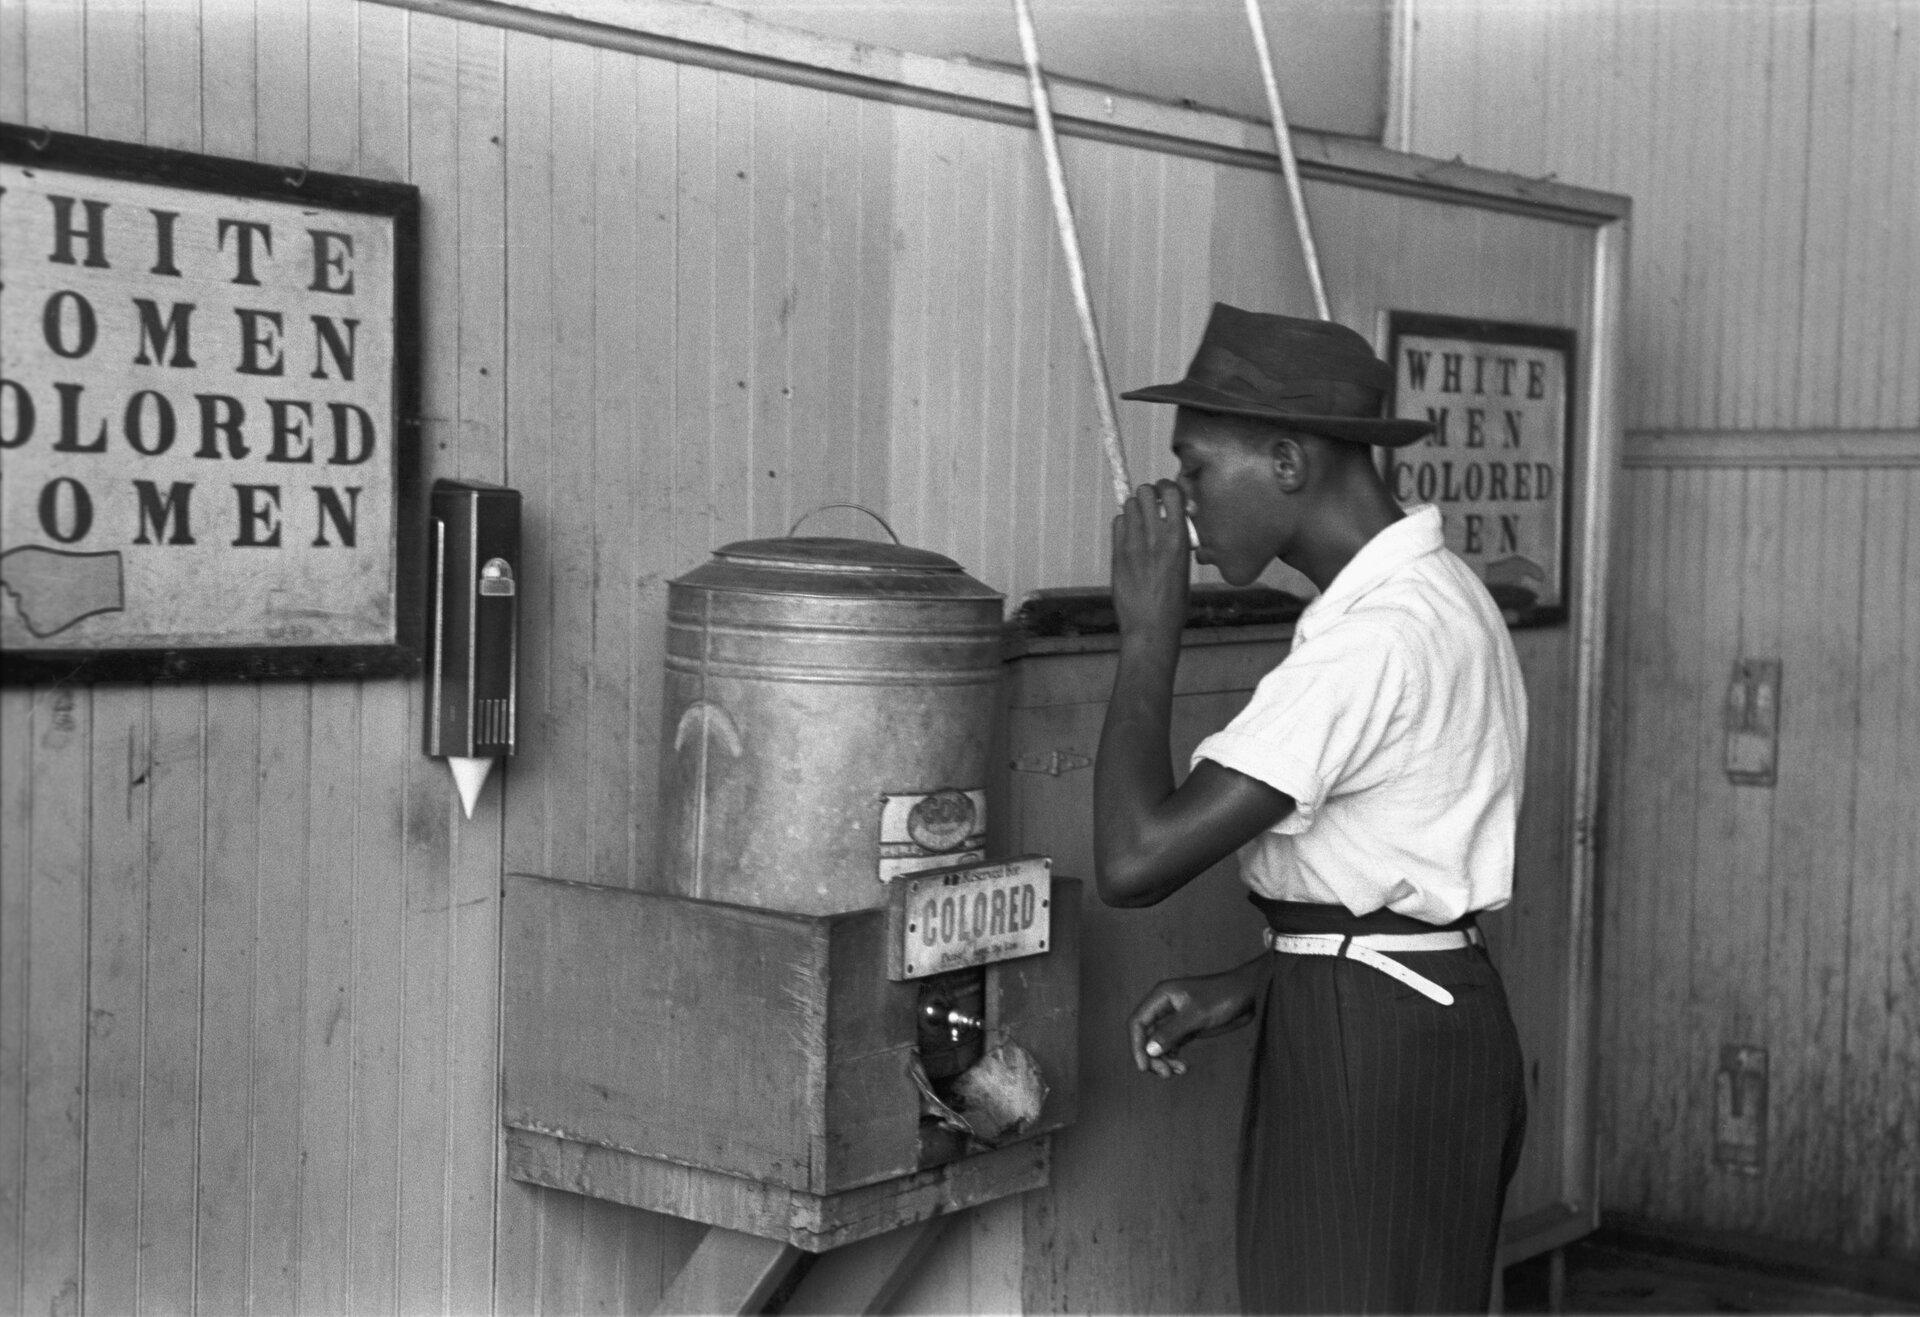 """na zdjęciu czarny mężczyzna pije wodę oznaczoną jako""""dla kolorowych"""" - zdjecie jest symbolem segregacji rasowej"""